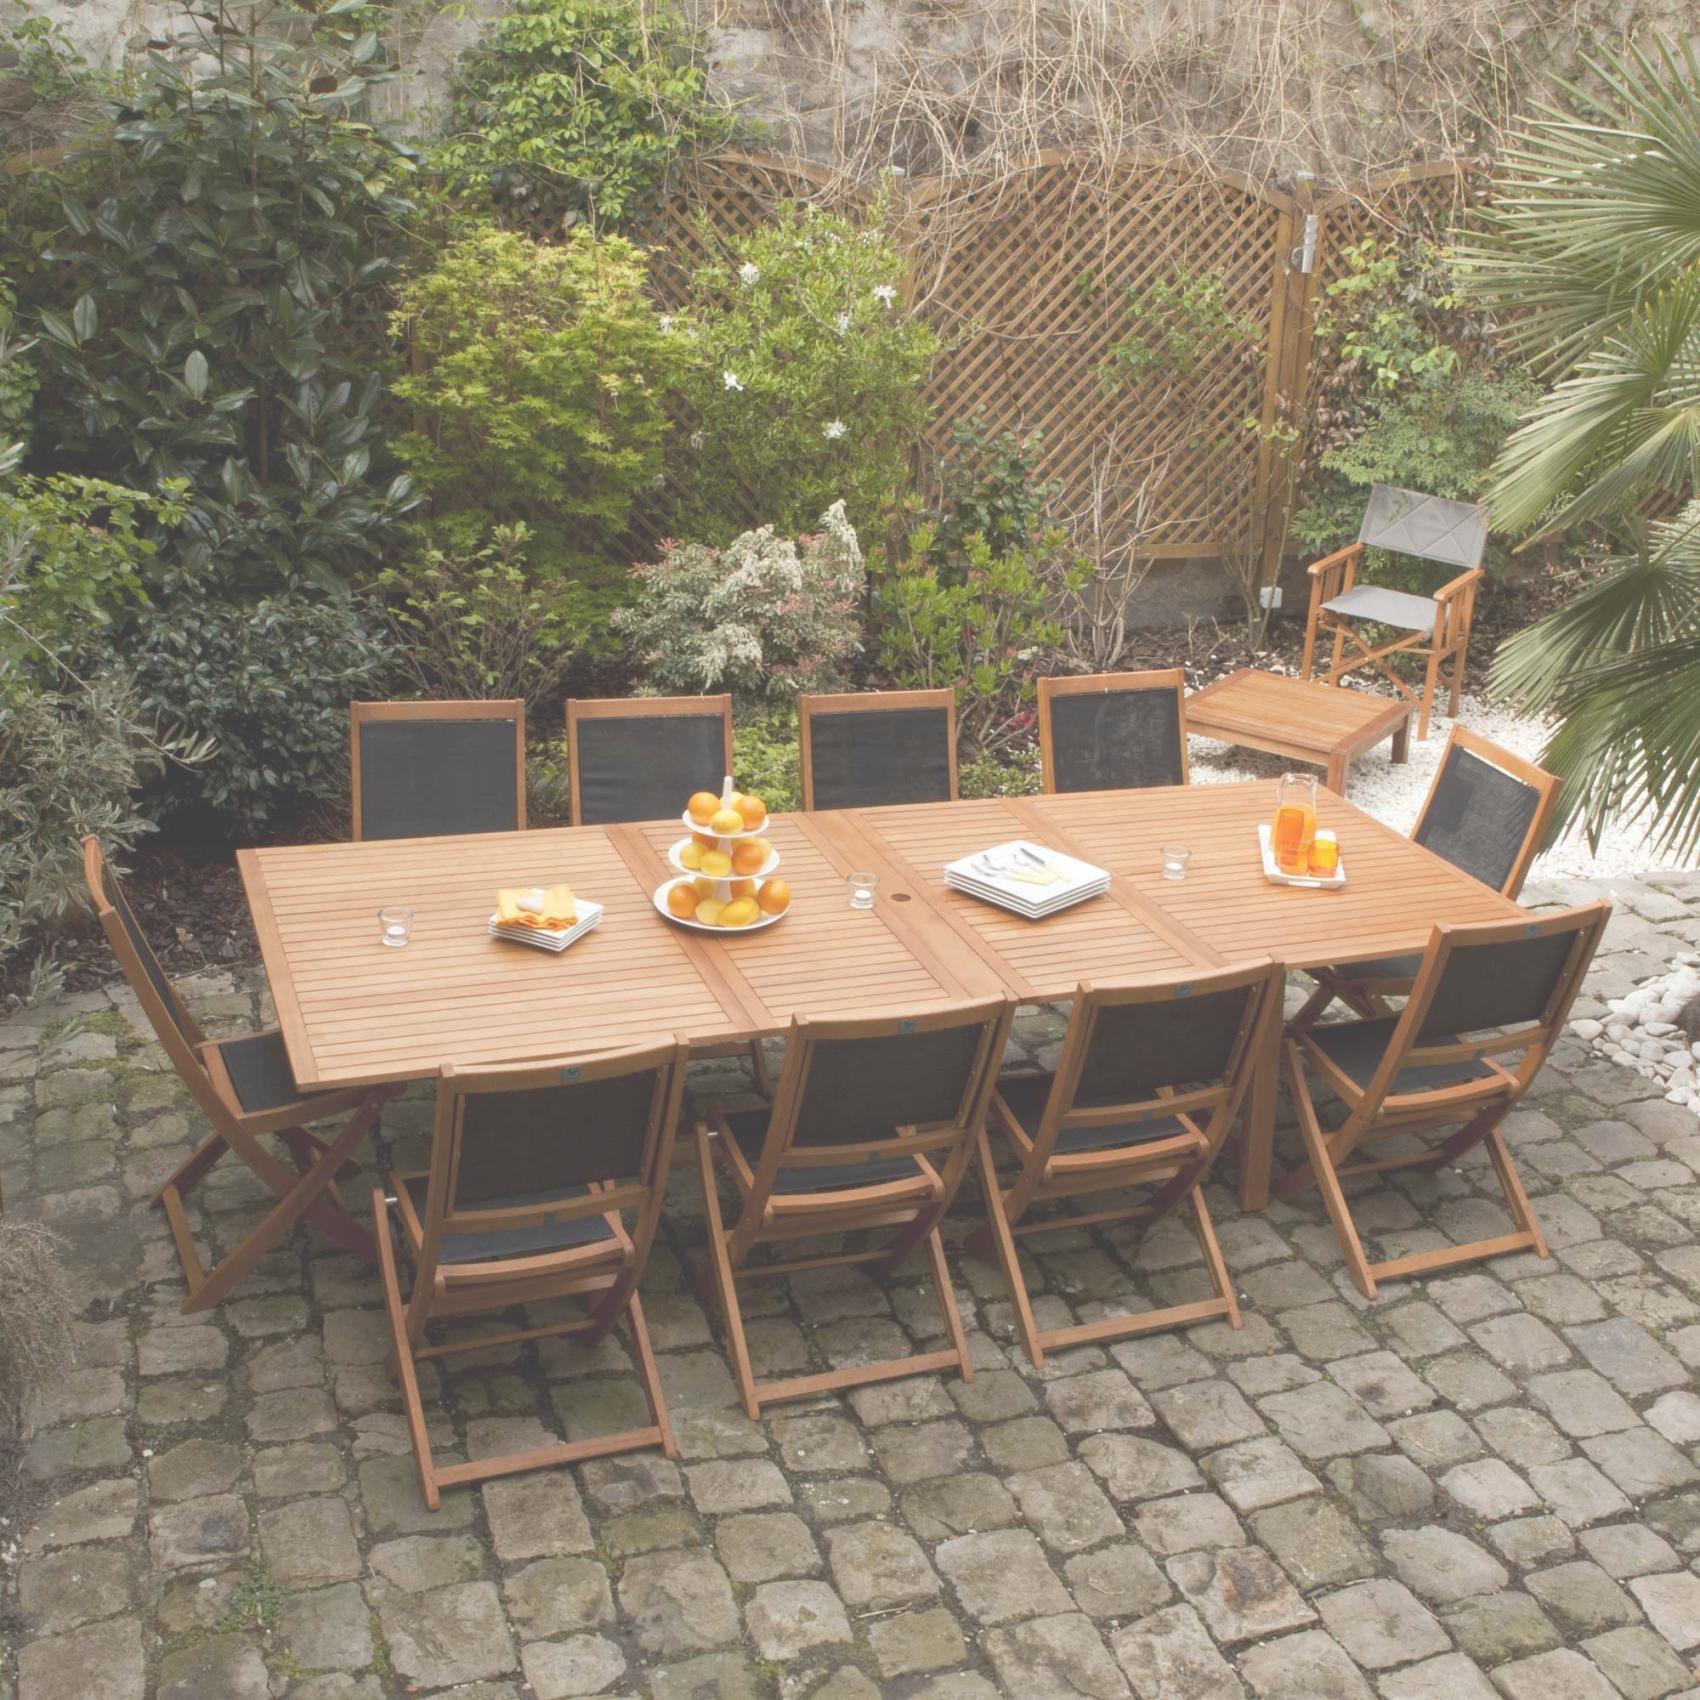 Desserte De Jardin Gifi Frais Image Salon De Jardin Gifi Plus Branché Table Camping Gifi Good Table with